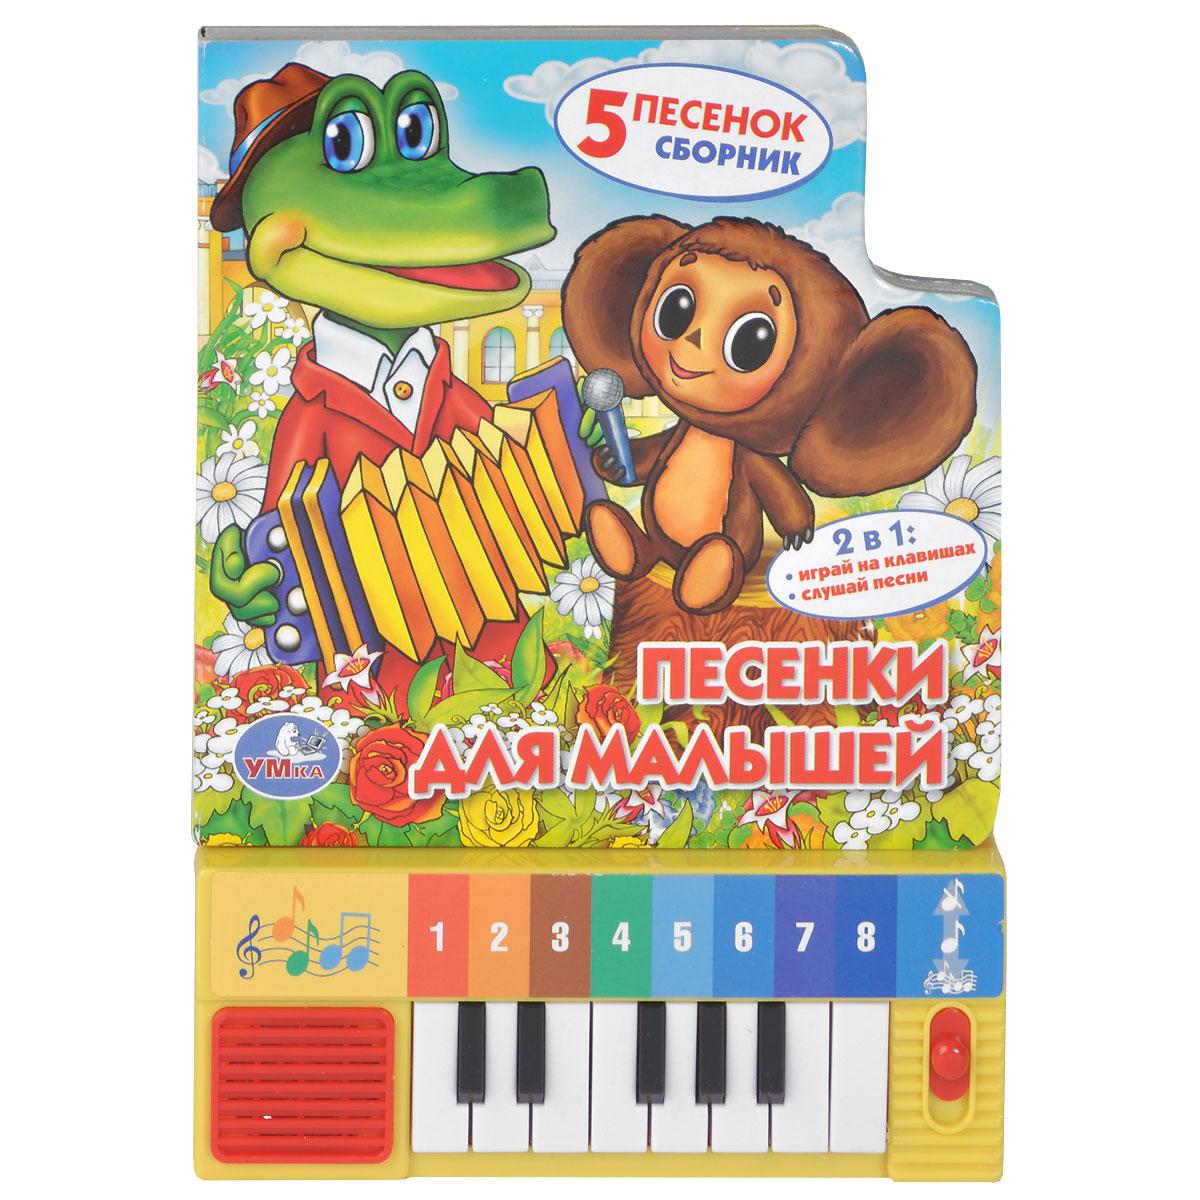 Песенки для малышей. Книжка-игрушка музыка ангелов на пианино